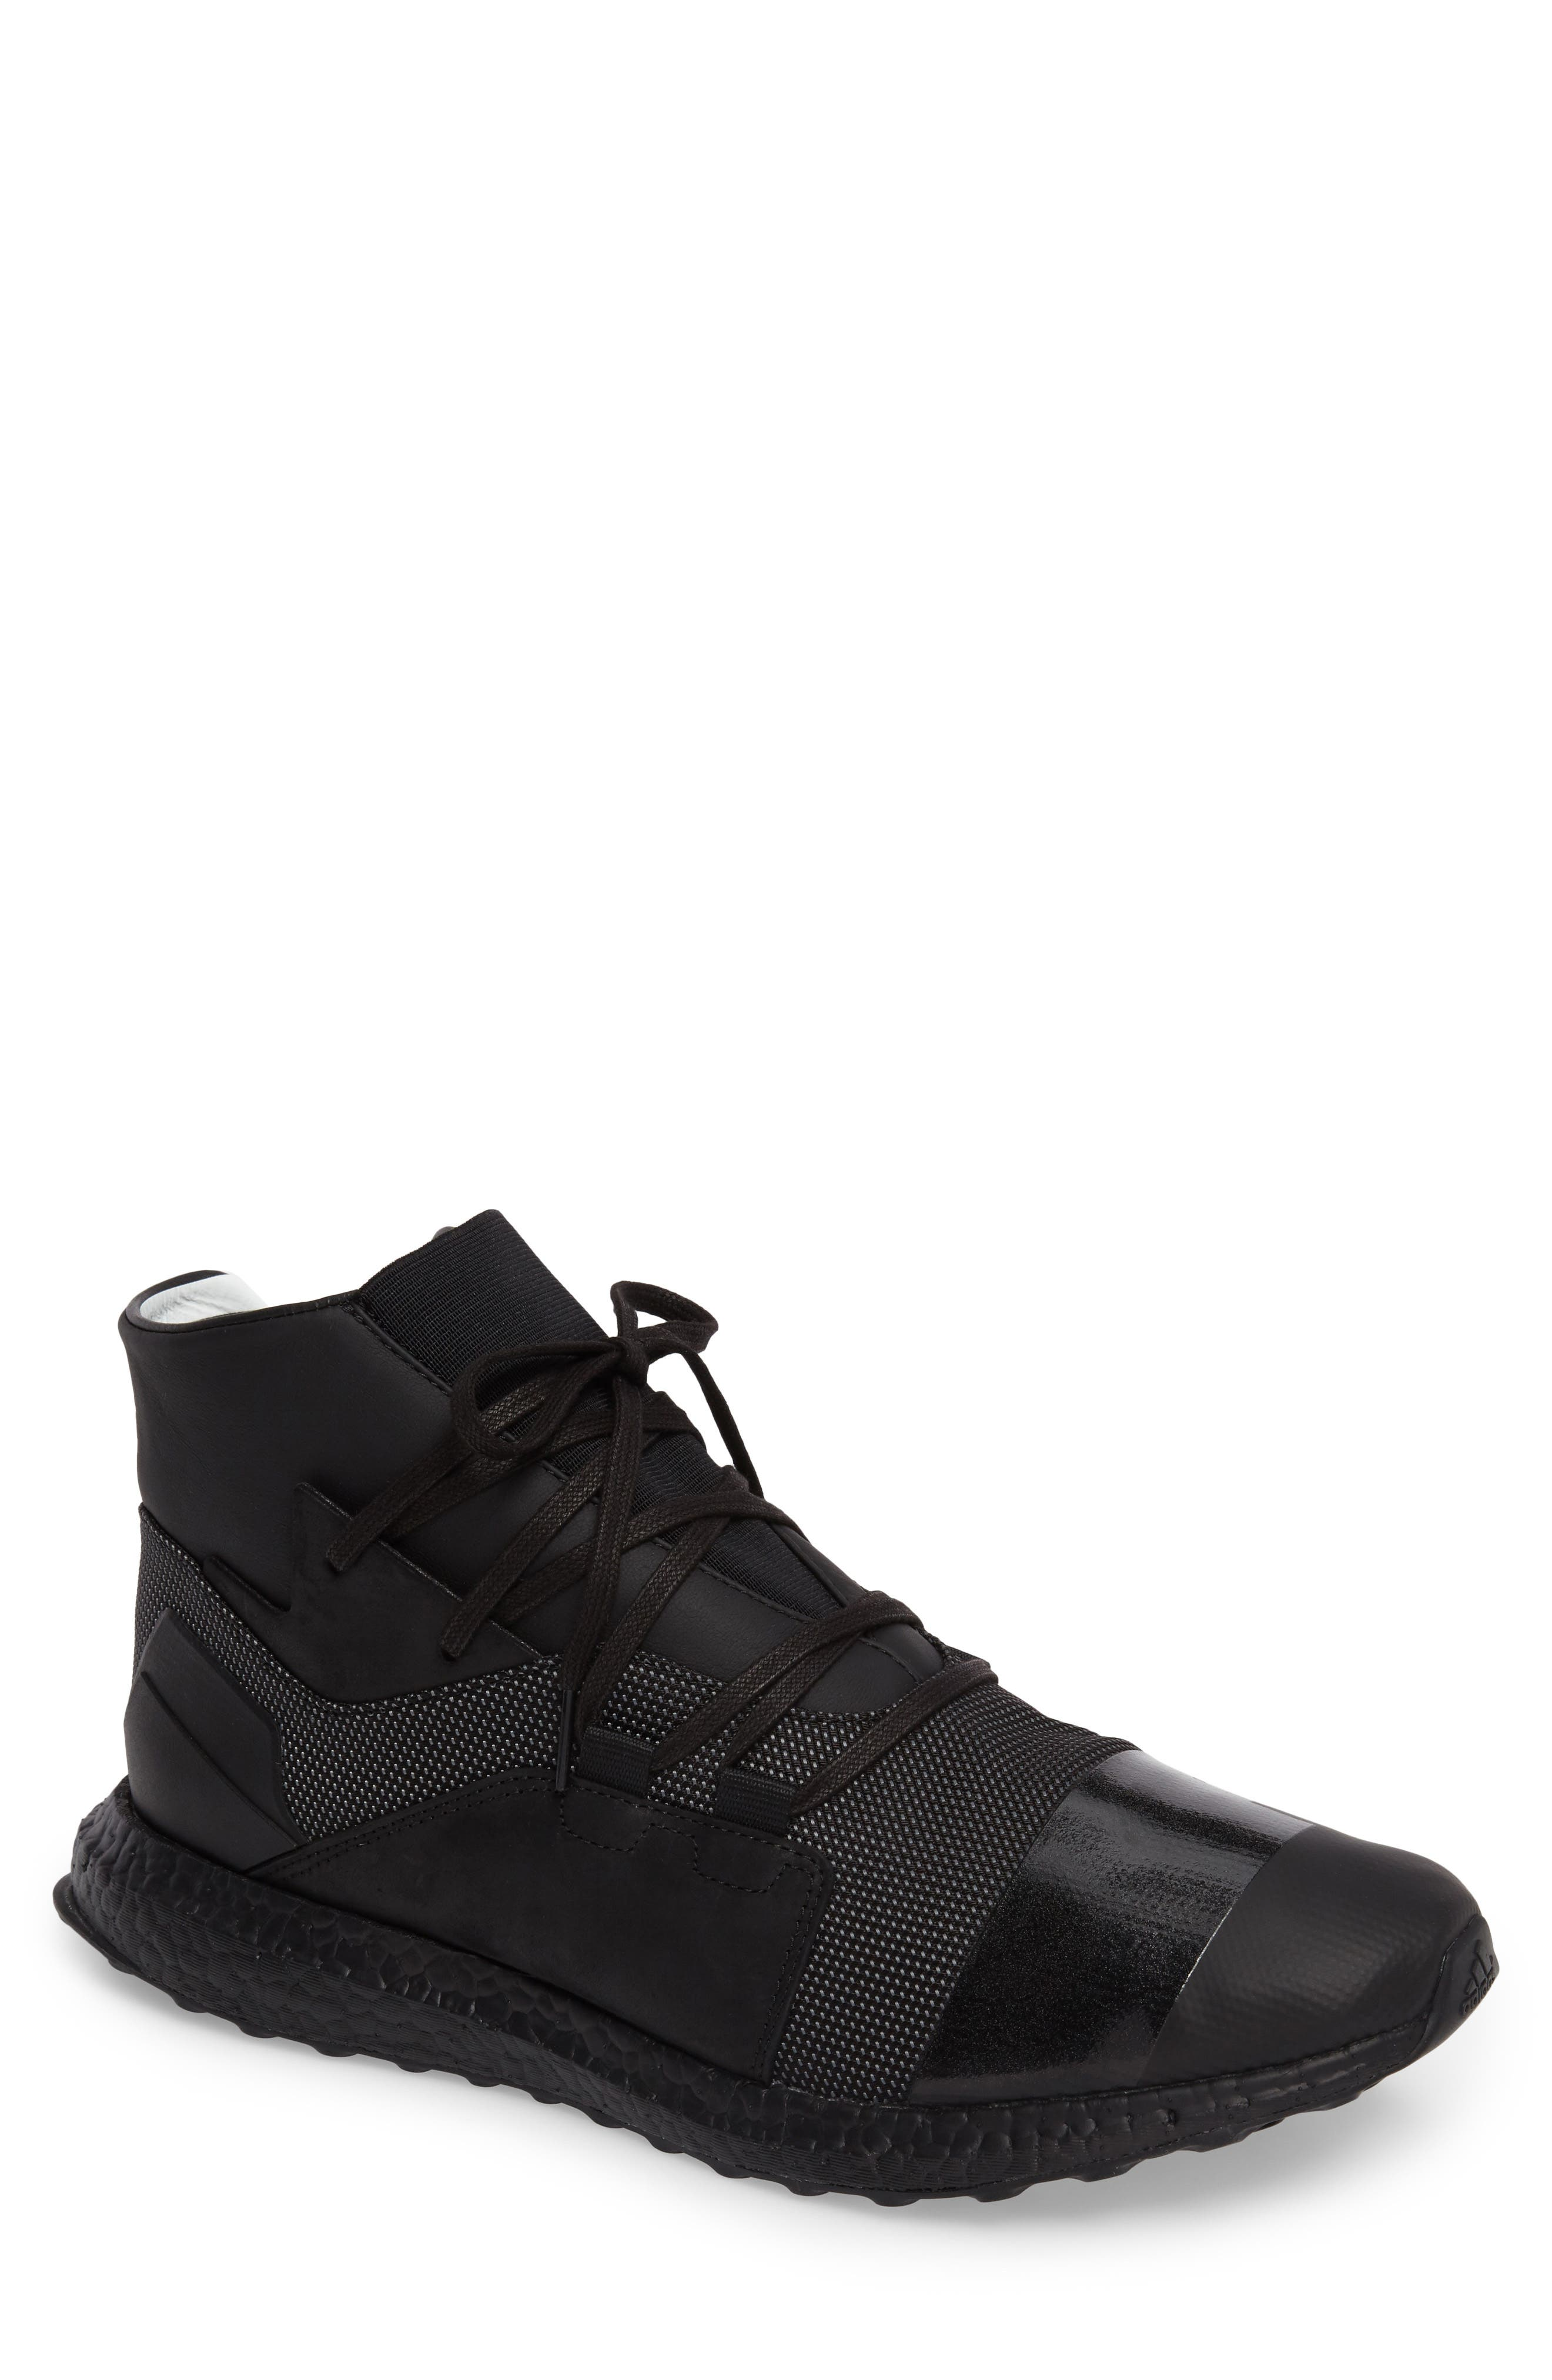 Kozoko High Sneaker,                         Main,                         color, Black